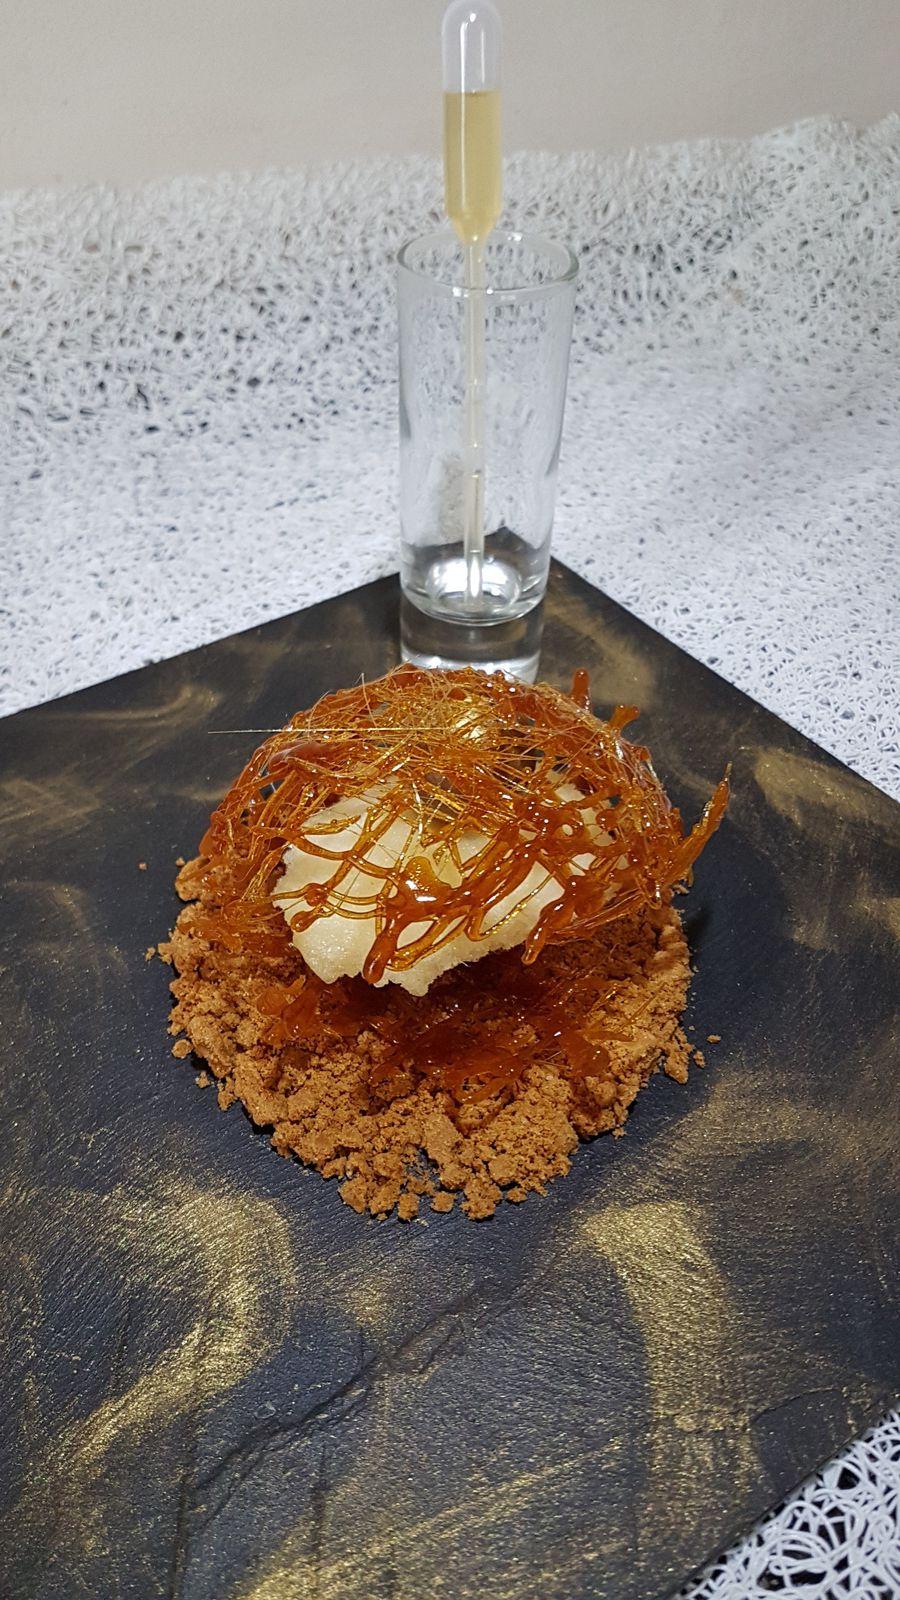 spécial fêtes de fin d'année n°11 -  huître perlière dans son écrin d'or sur lit de spéculoos